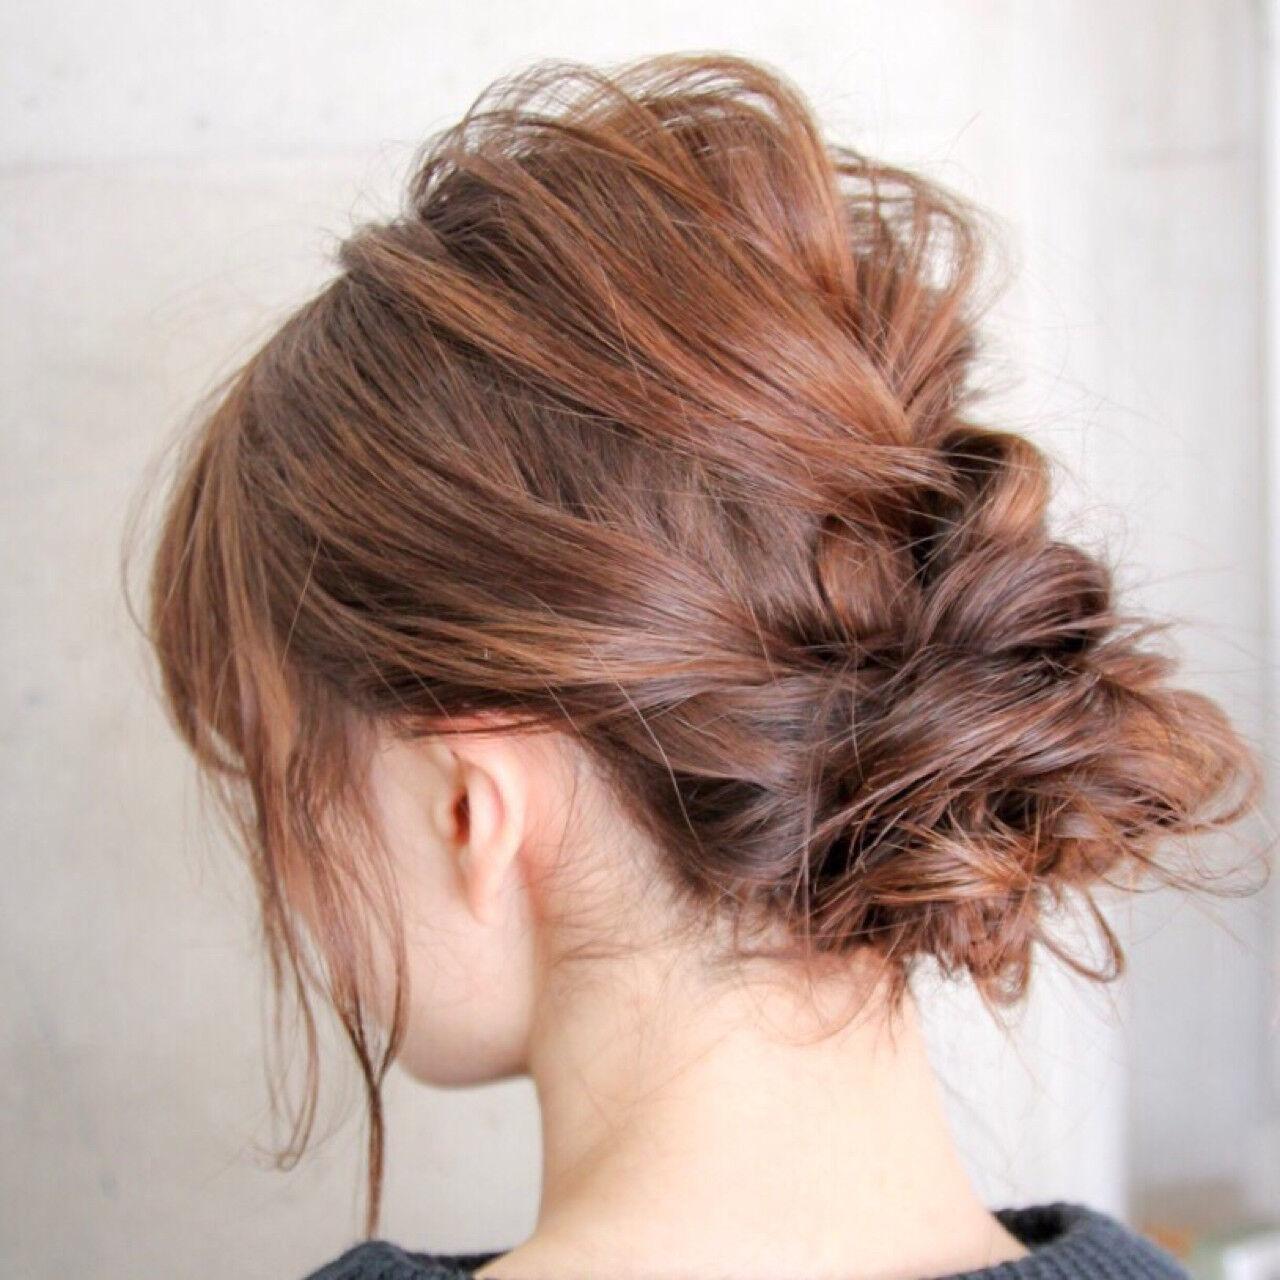 ショート 簡単ヘアアレンジ ヘアアレンジ 大人女子ヘアスタイルや髪型の写真・画像